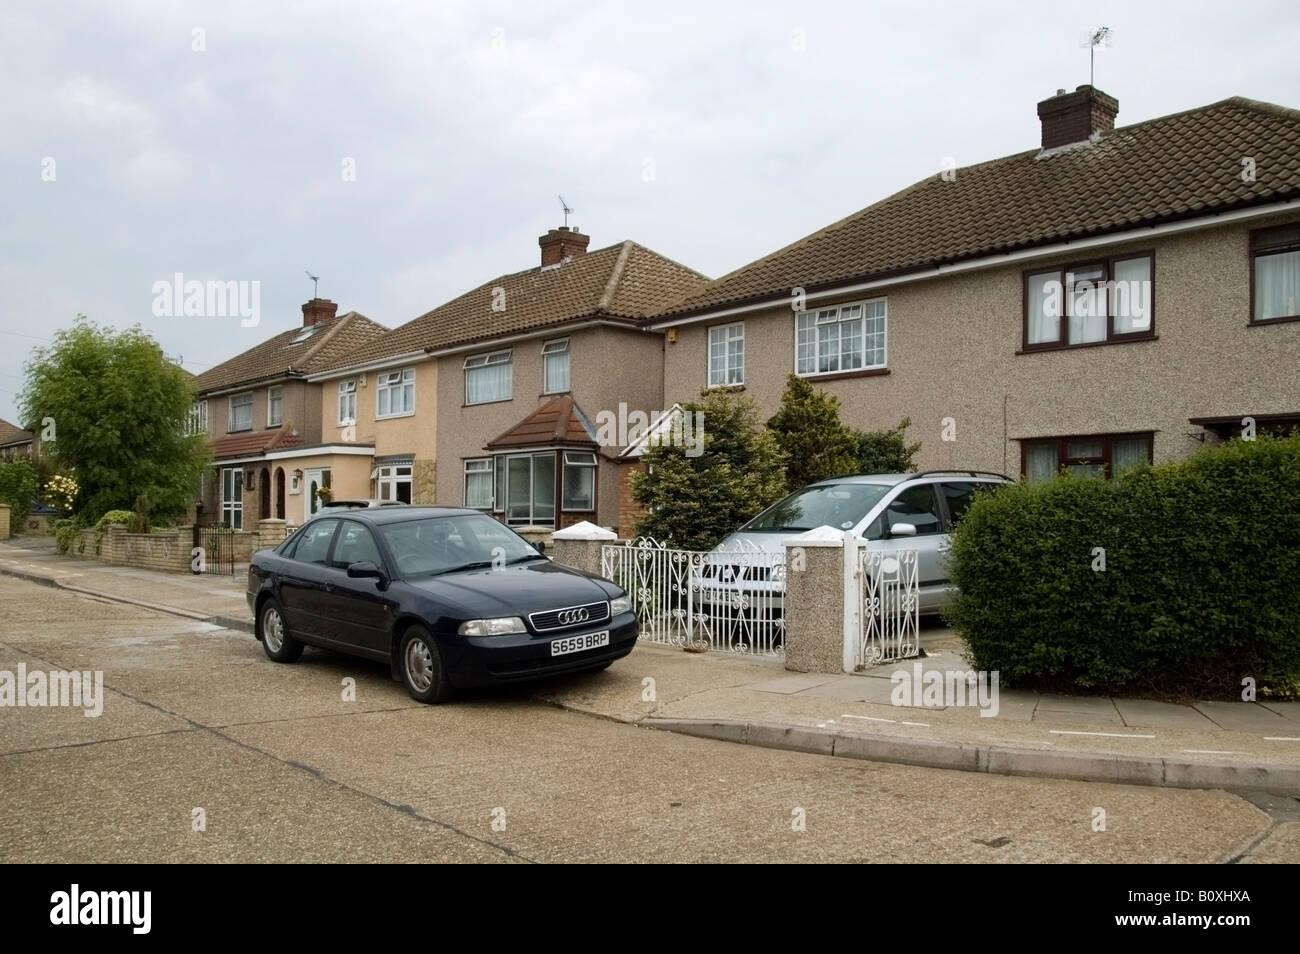 Reihe von Wohnstraße und Doppelhaushälften der 40er, 50er Jahre Architektur, Collier-Reihe, Romford, Essex, Stockbild